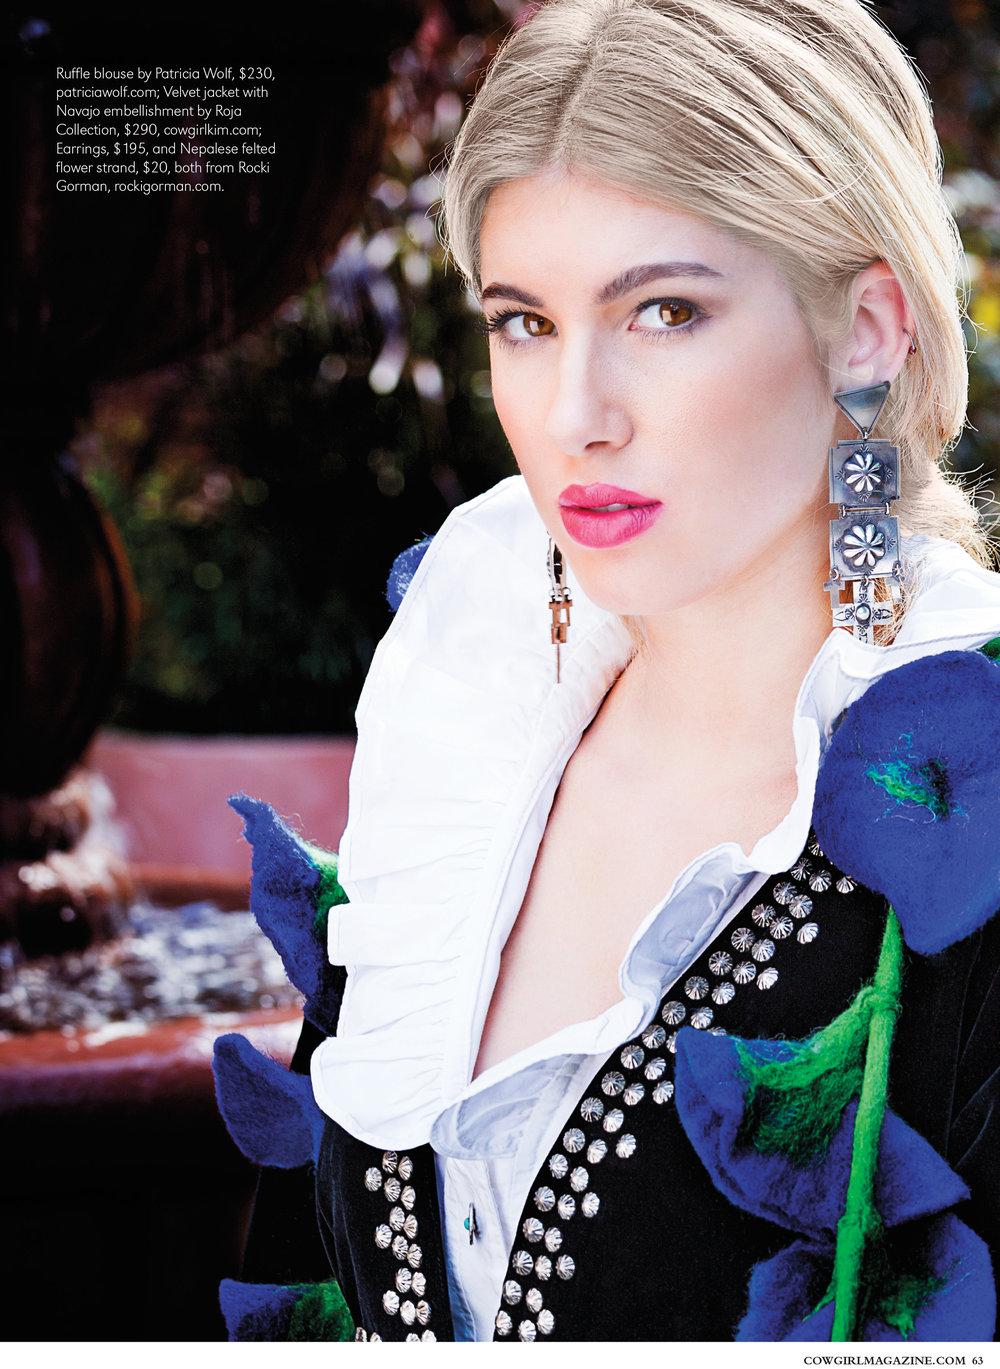 Ken Amorosano - COWGIRL_DEC15_060-067_Santa-Fe-Fashion-4.jpg